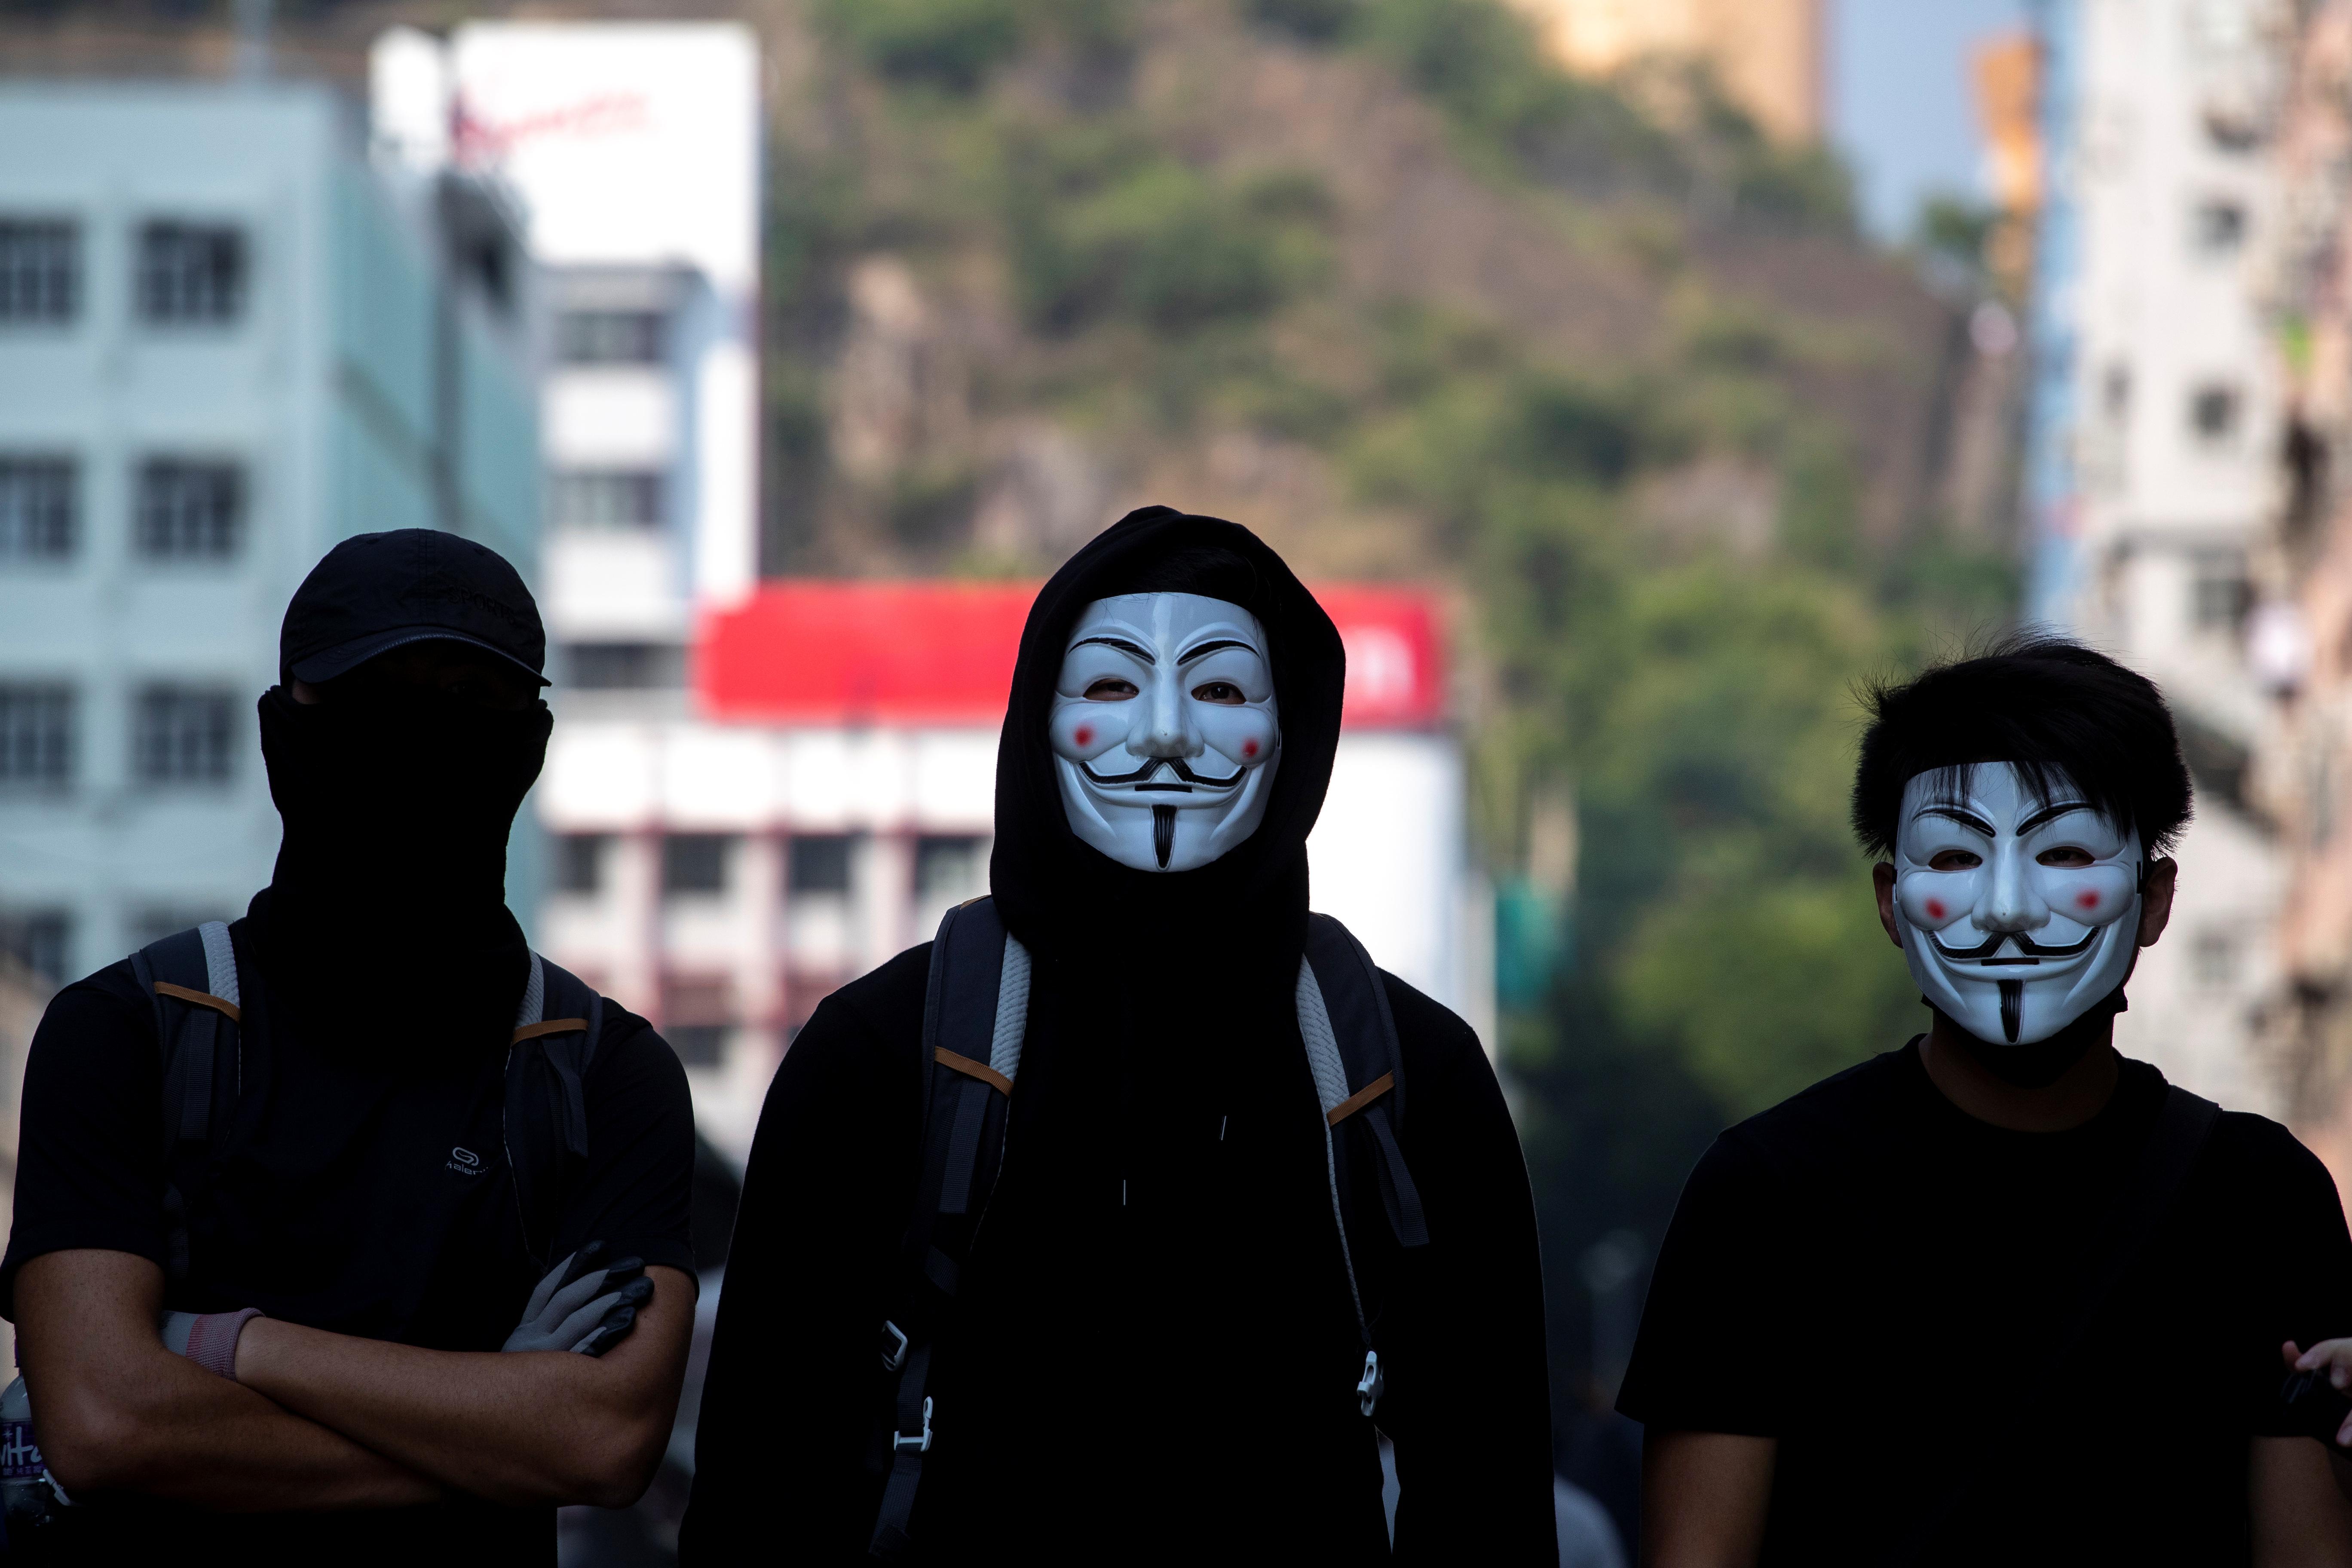 由于不少示威者戴上口罩、头盔、面具、安全帽上街,样貌难以辨认,有意见认为香港应该就《禁蒙面法》进行立法。-路透社-